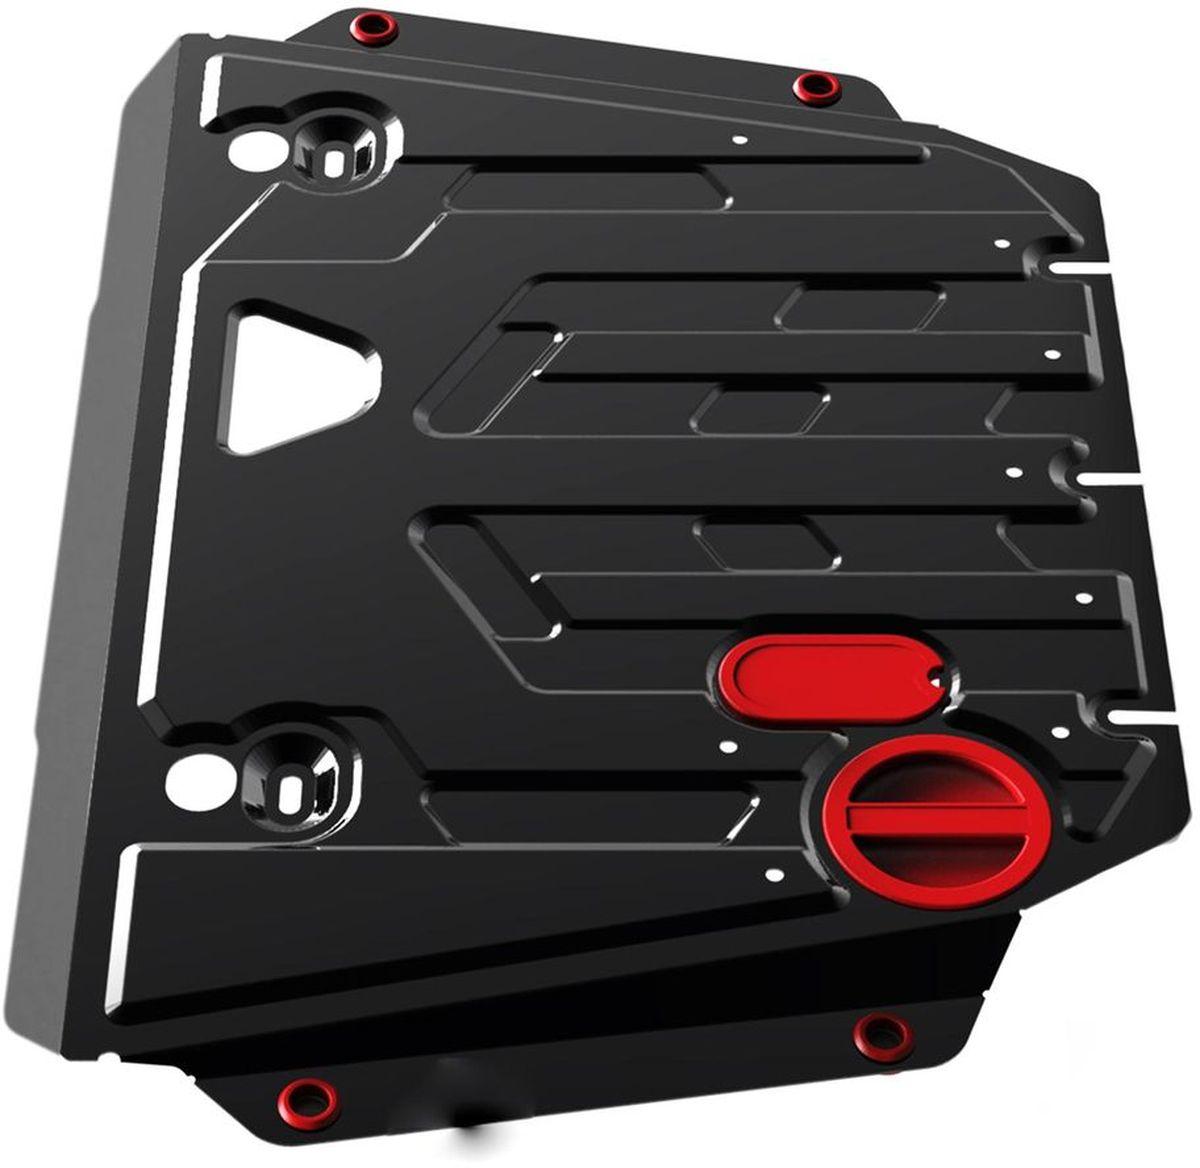 Защита картера и КПП Автоброня Citroёn С8 2002-2005, сталь 2 мм111.01207.1Защита картера и КПП Автоброня Citroёn С8, V - 2,0 2002-2005, сталь 2 мм, комплект крепежа, 111.01207.1Стальные защиты Автоброня надежно защищают ваш автомобиль от повреждений при наезде на бордюры, выступающие канализационные люки, кромки поврежденного асфальта или при ремонте дорог, не говоря уже о загородных дорогах.- Имеют оптимальное соотношение цена-качество.- Спроектированы с учетом особенностей автомобиля, что делает установку удобной.- Защита устанавливается в штатные места кузова автомобиля.- Является надежной защитой для важных элементов на протяжении долгих лет.- Глубокий штамп дополнительно усиливает конструкцию защиты.- Подштамповка в местах крепления защищает крепеж от срезания.- Технологические отверстия там, где они необходимы для смены масла и слива воды, оборудованные заглушками, закрепленными на защите.Толщина стали 2 мм.В комплекте крепеж и инструкция по установке.Уважаемые клиенты!Обращаем ваше внимание на тот факт, что защита имеет форму, соответствующую модели данного автомобиля. Наличие глубокого штампа и лючков для смены фильтров/масла предусмотрено не на всех защитах. Фото служит для визуального восприятия товара.